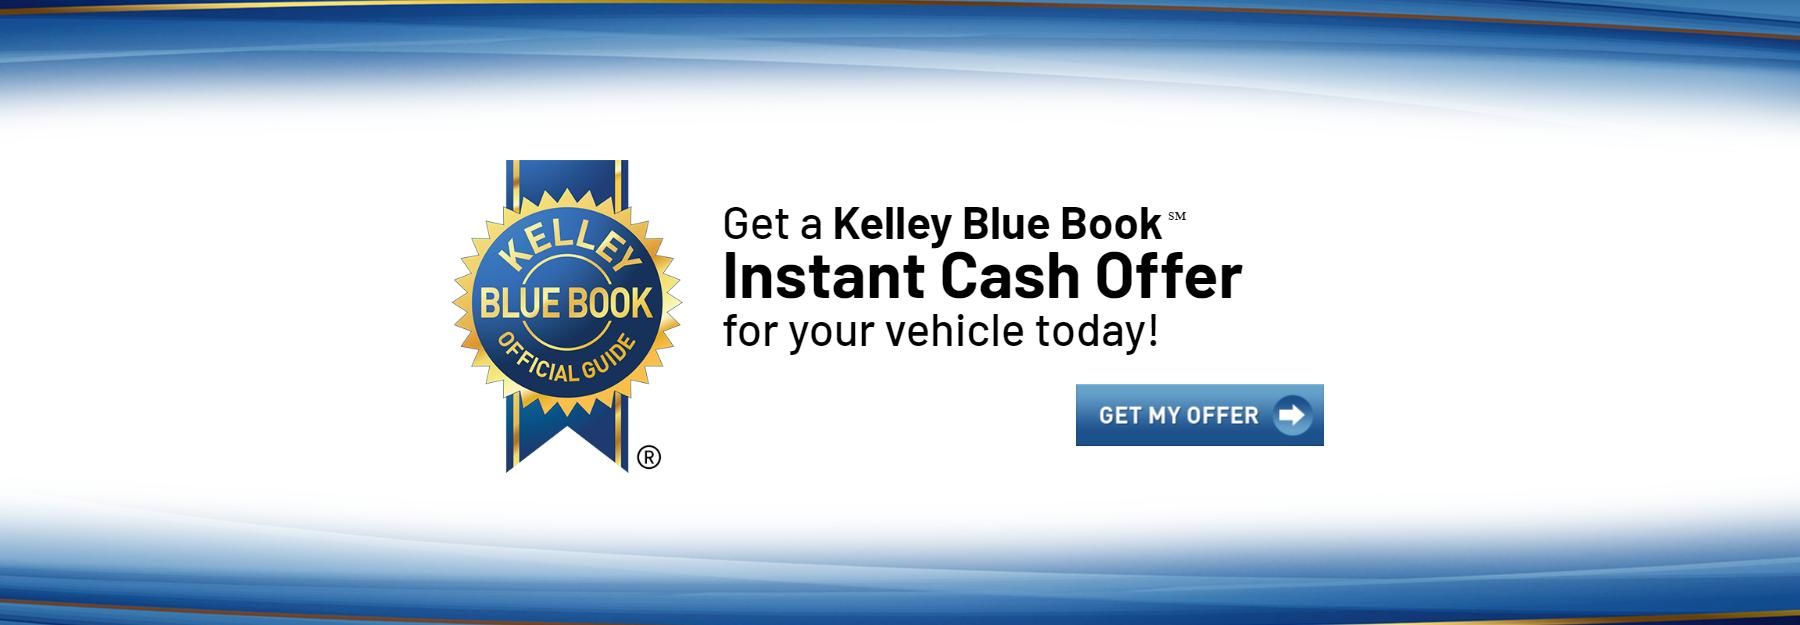 Get your KBB Instant Cash Offer!